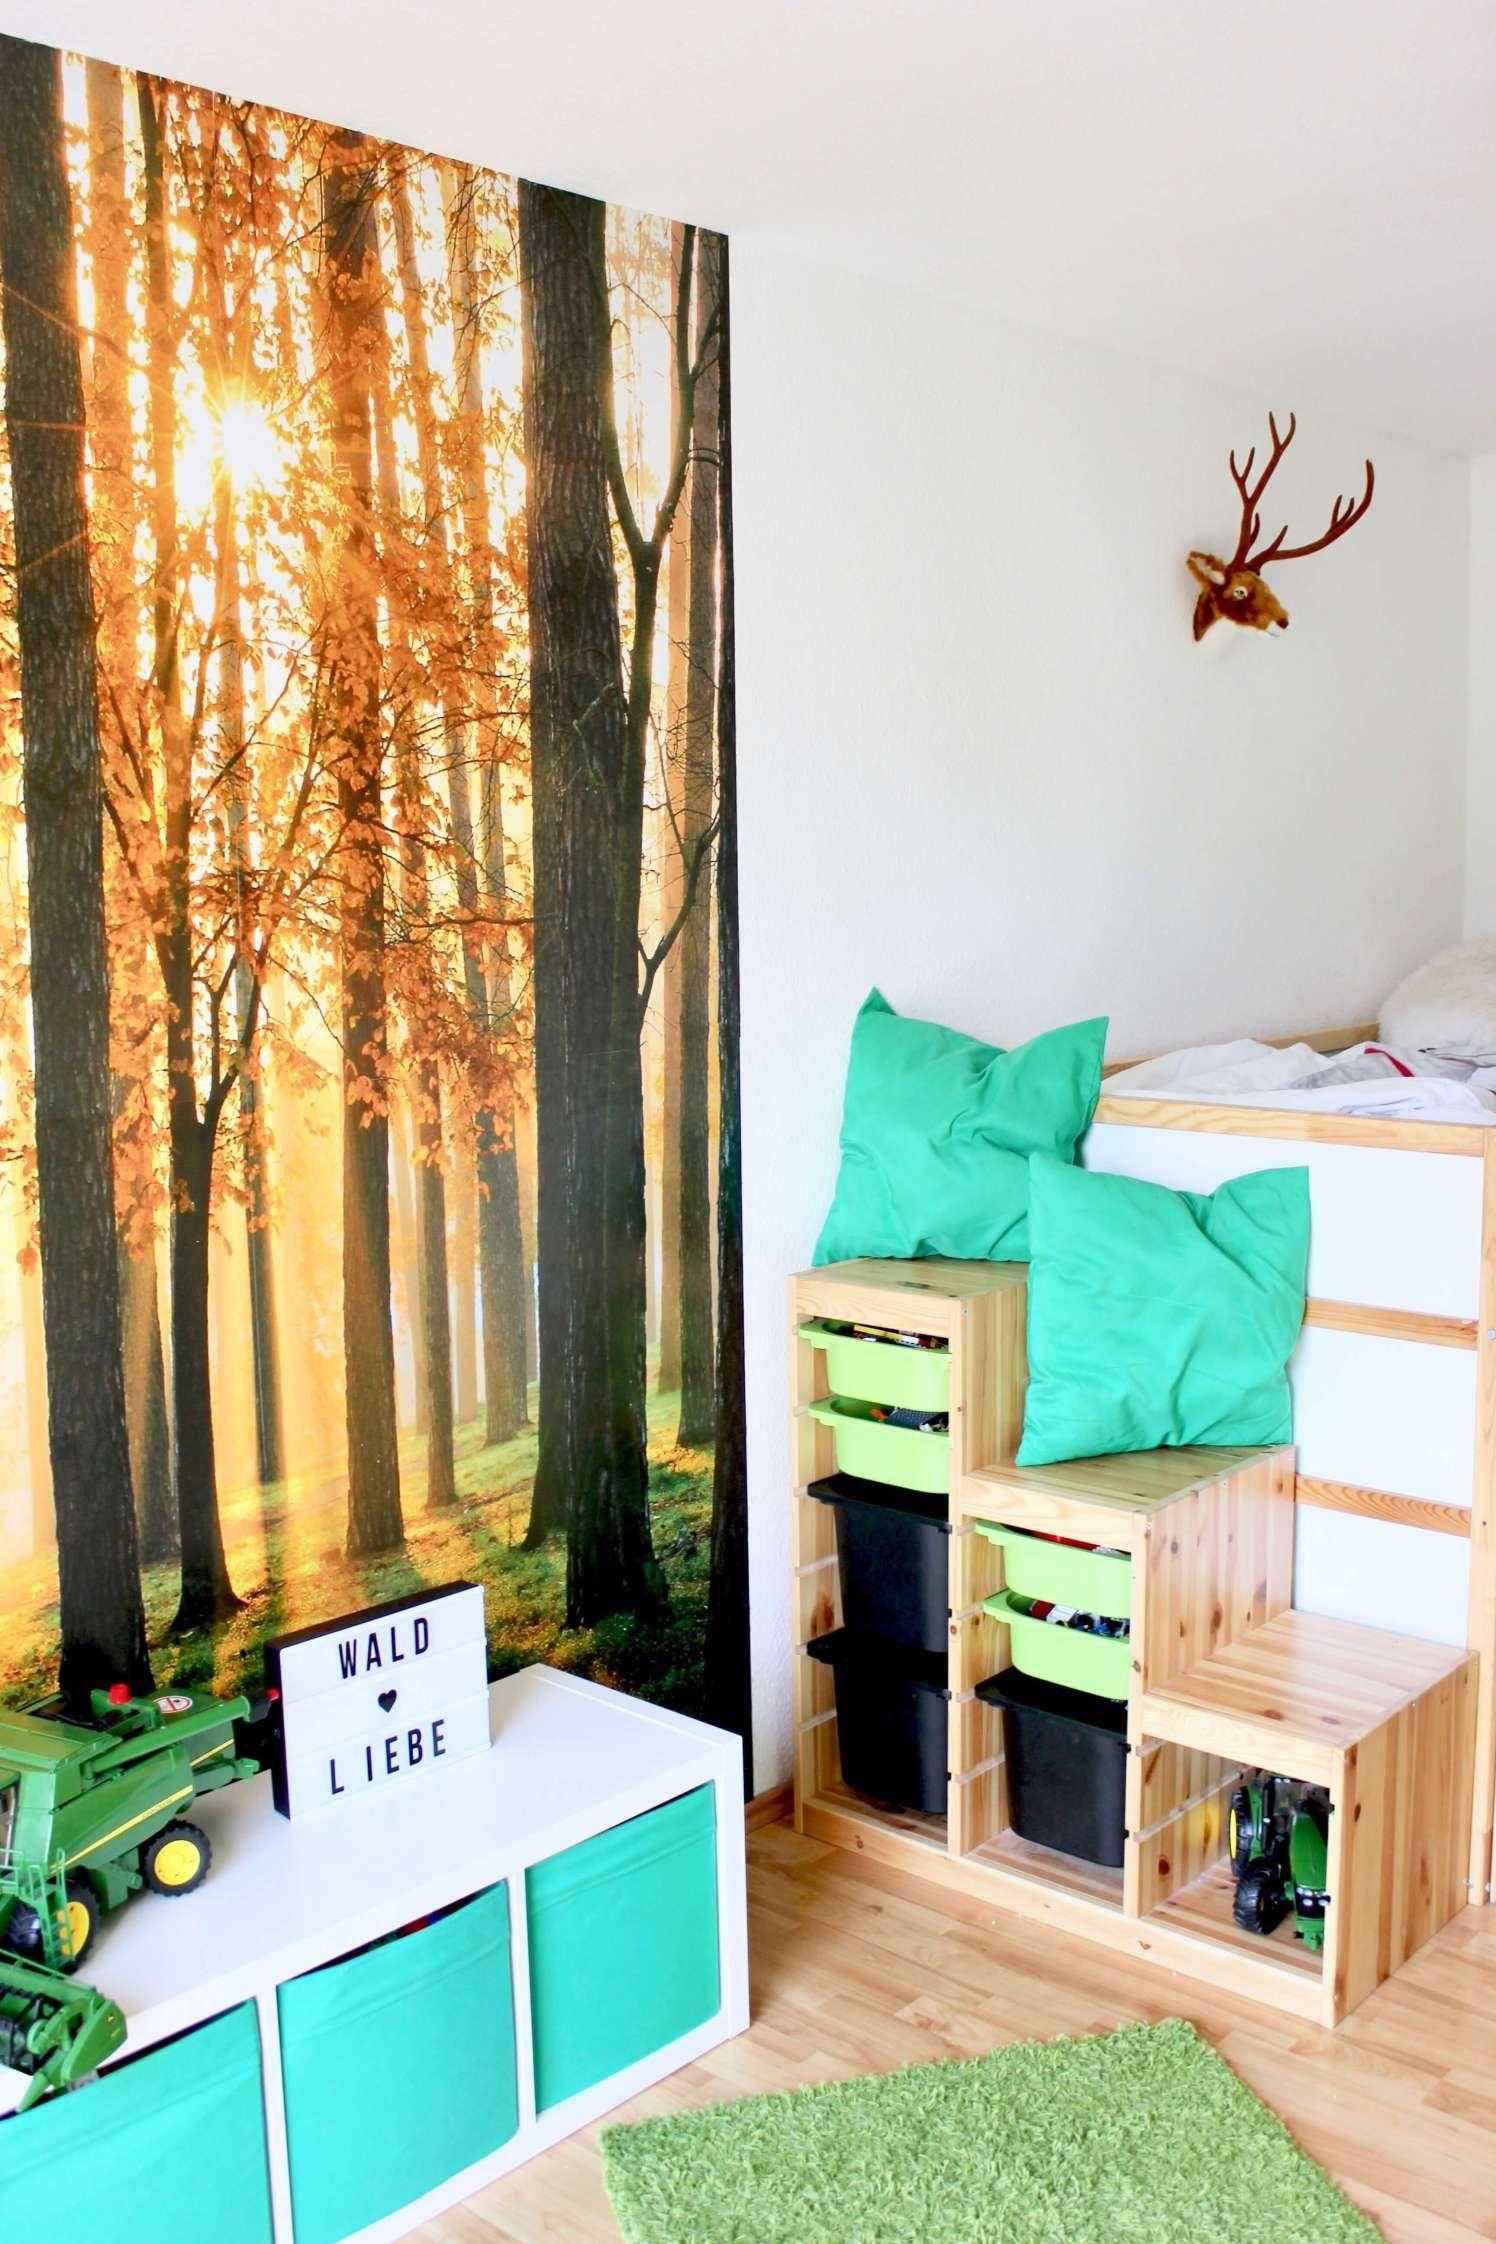 Deko-Ideen für ein Wald-Kinderzimmer mit viel Stauraum